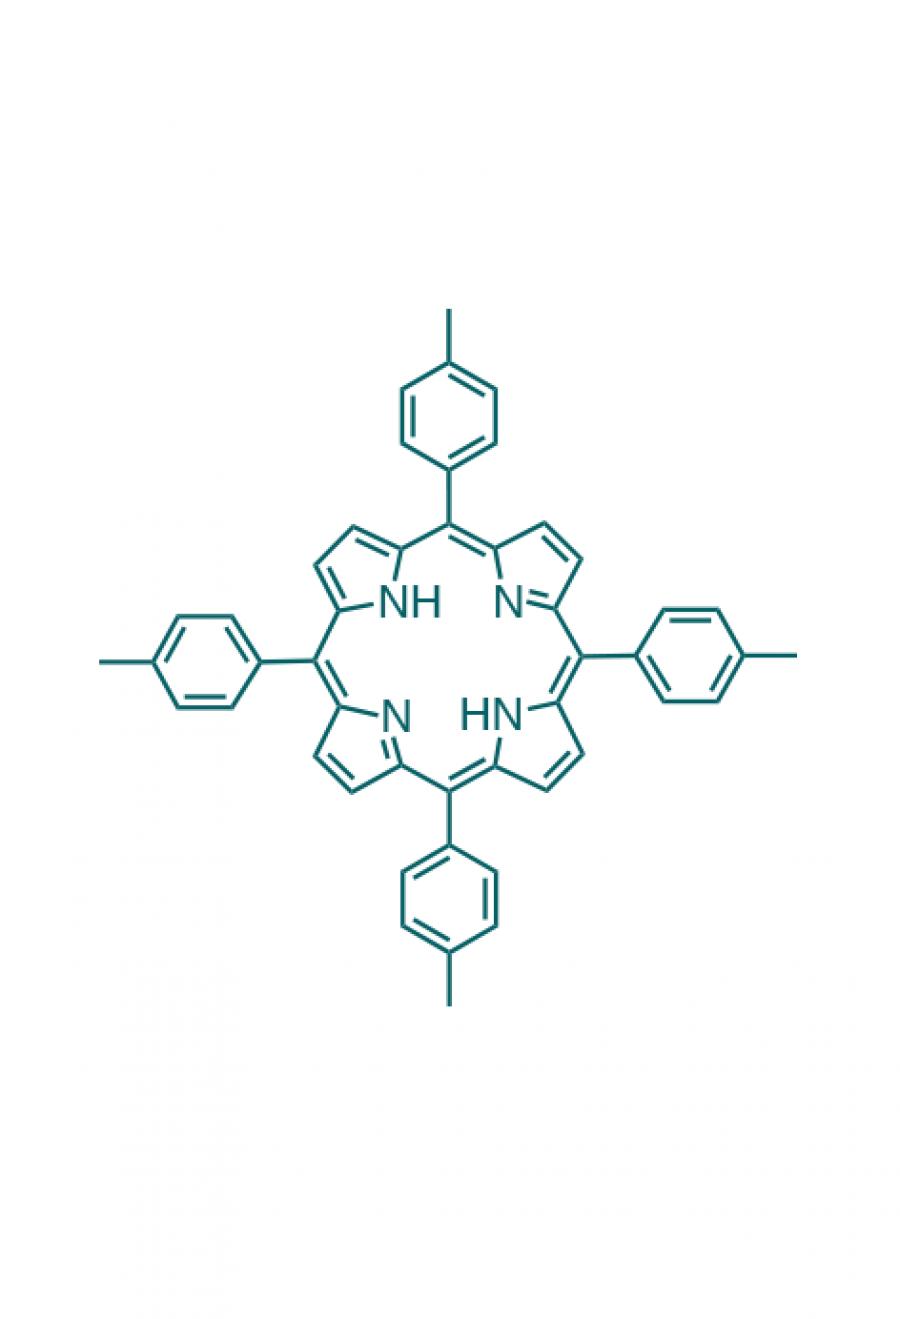 5,10,15,20-(tetra-p-tolyl)porphyrin